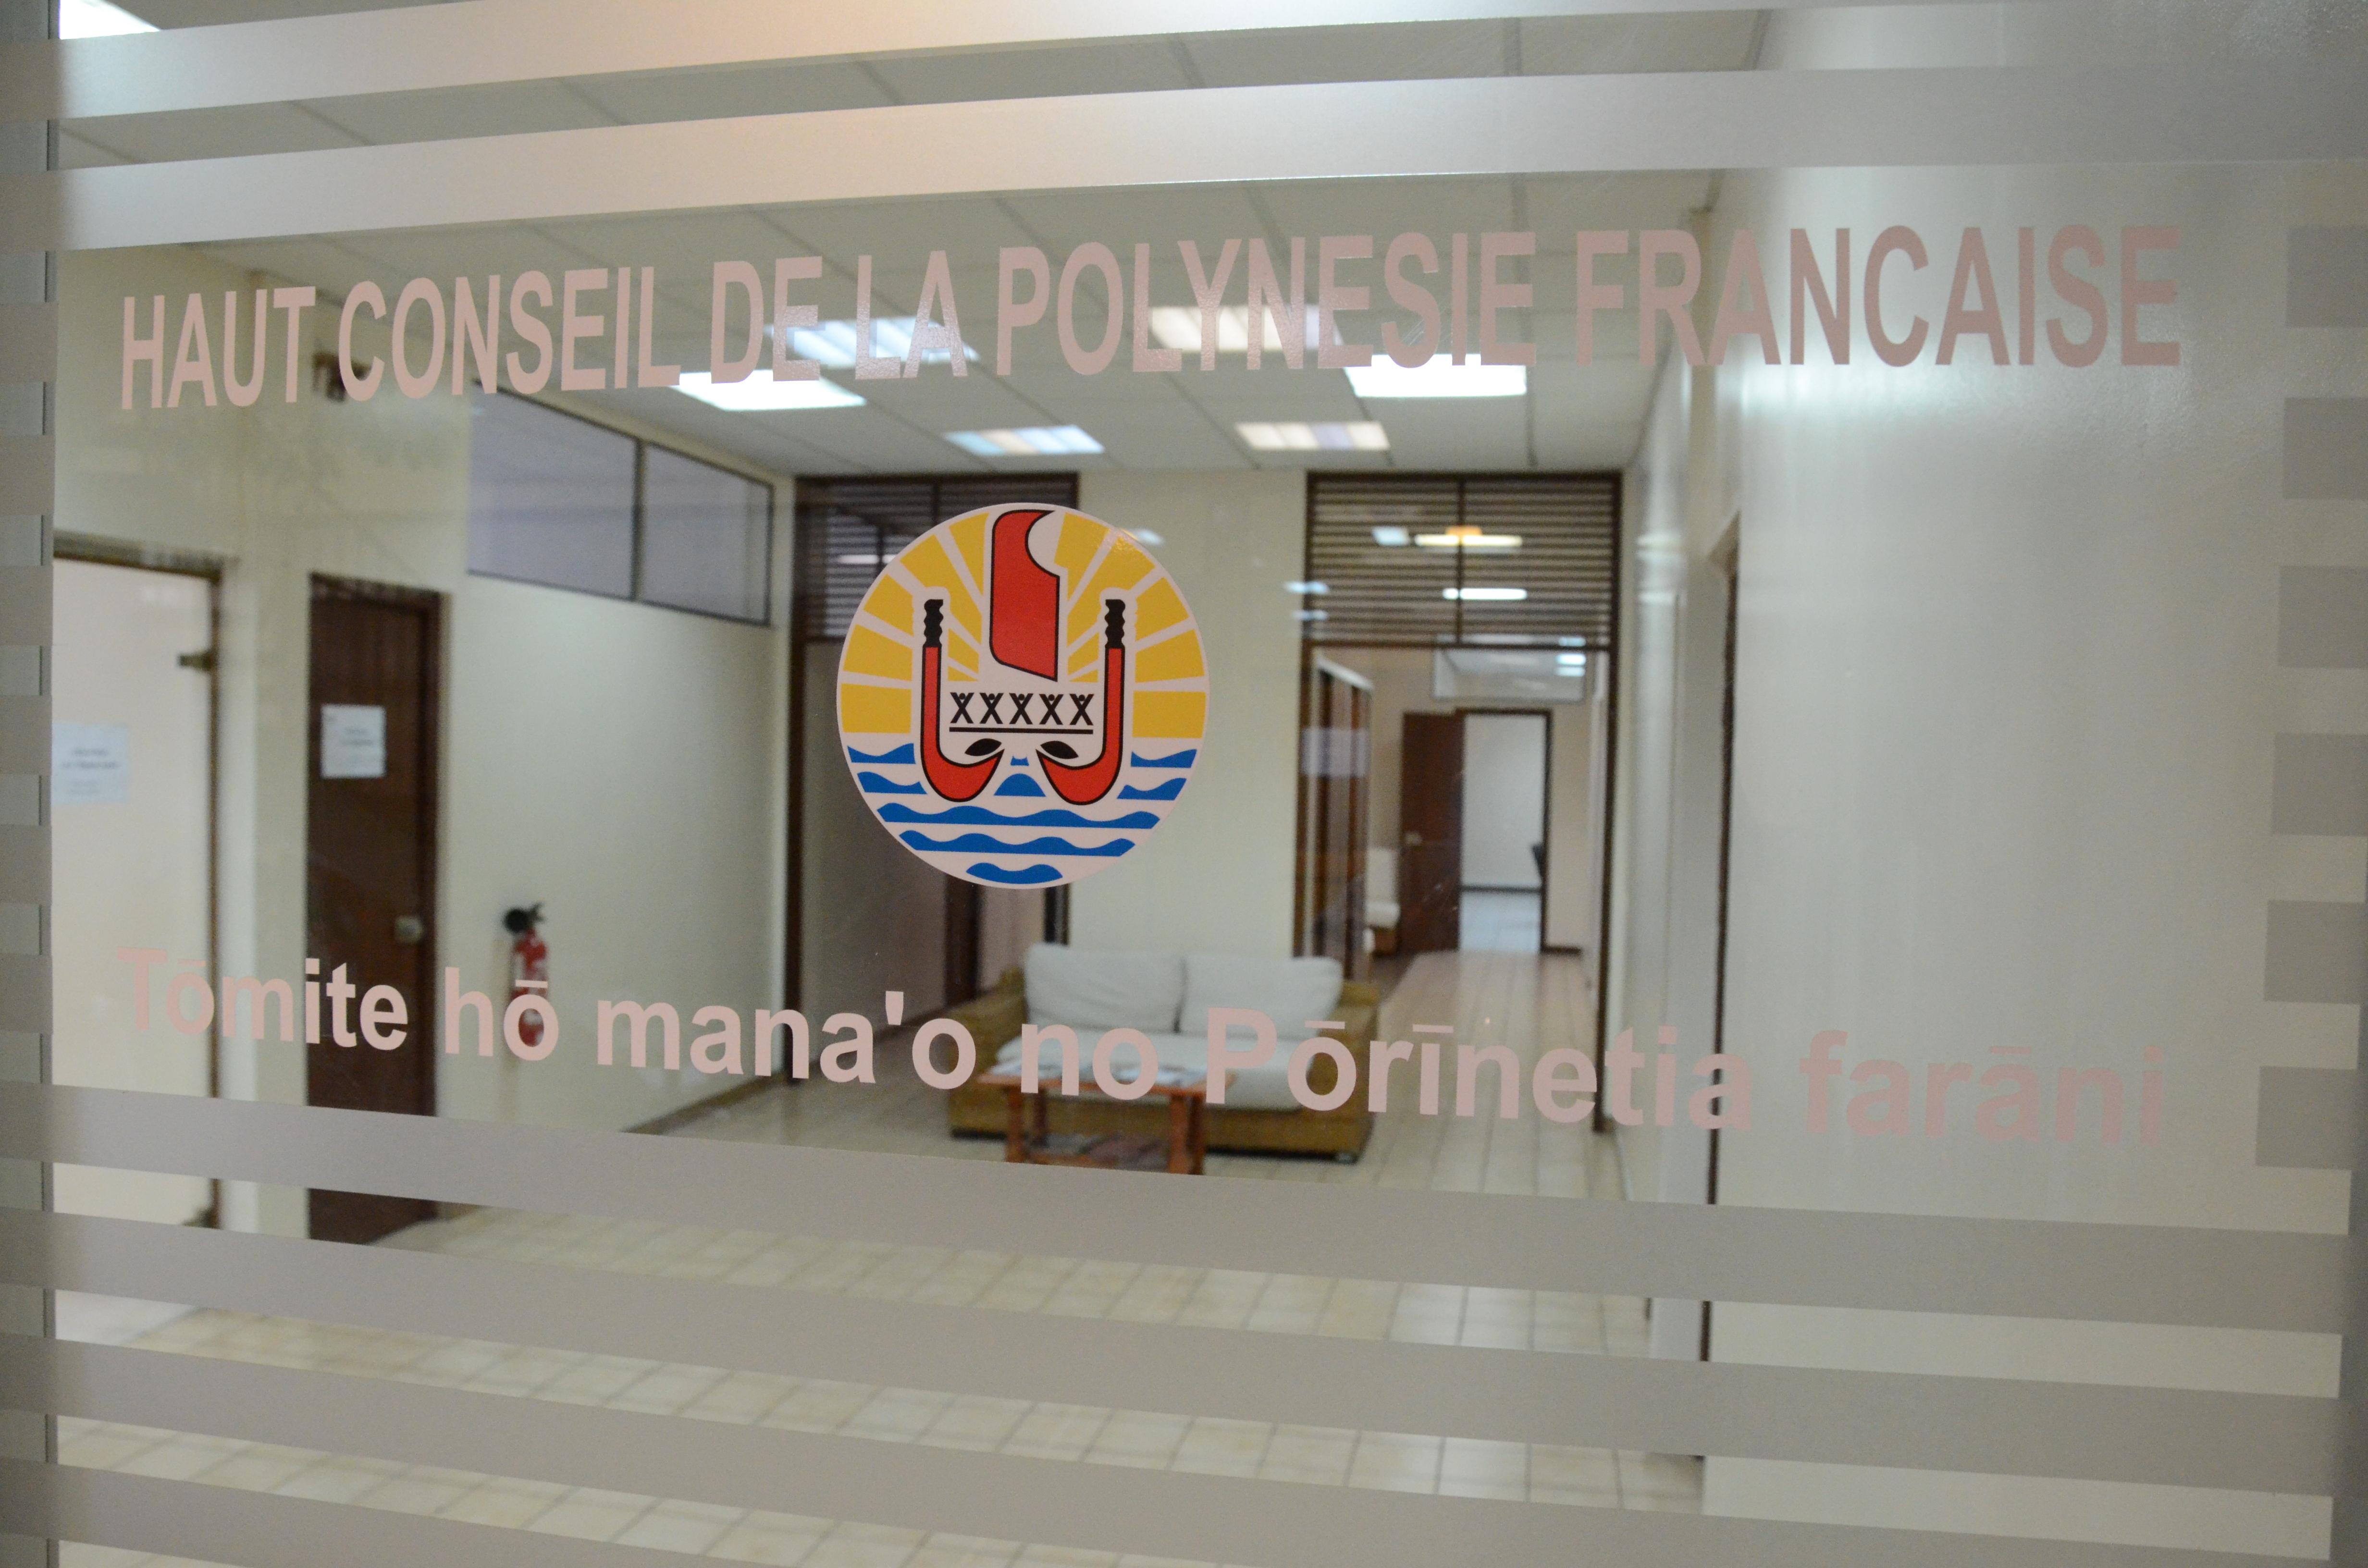 L'assemblée dissout le Haut conseil de la Polynésie française